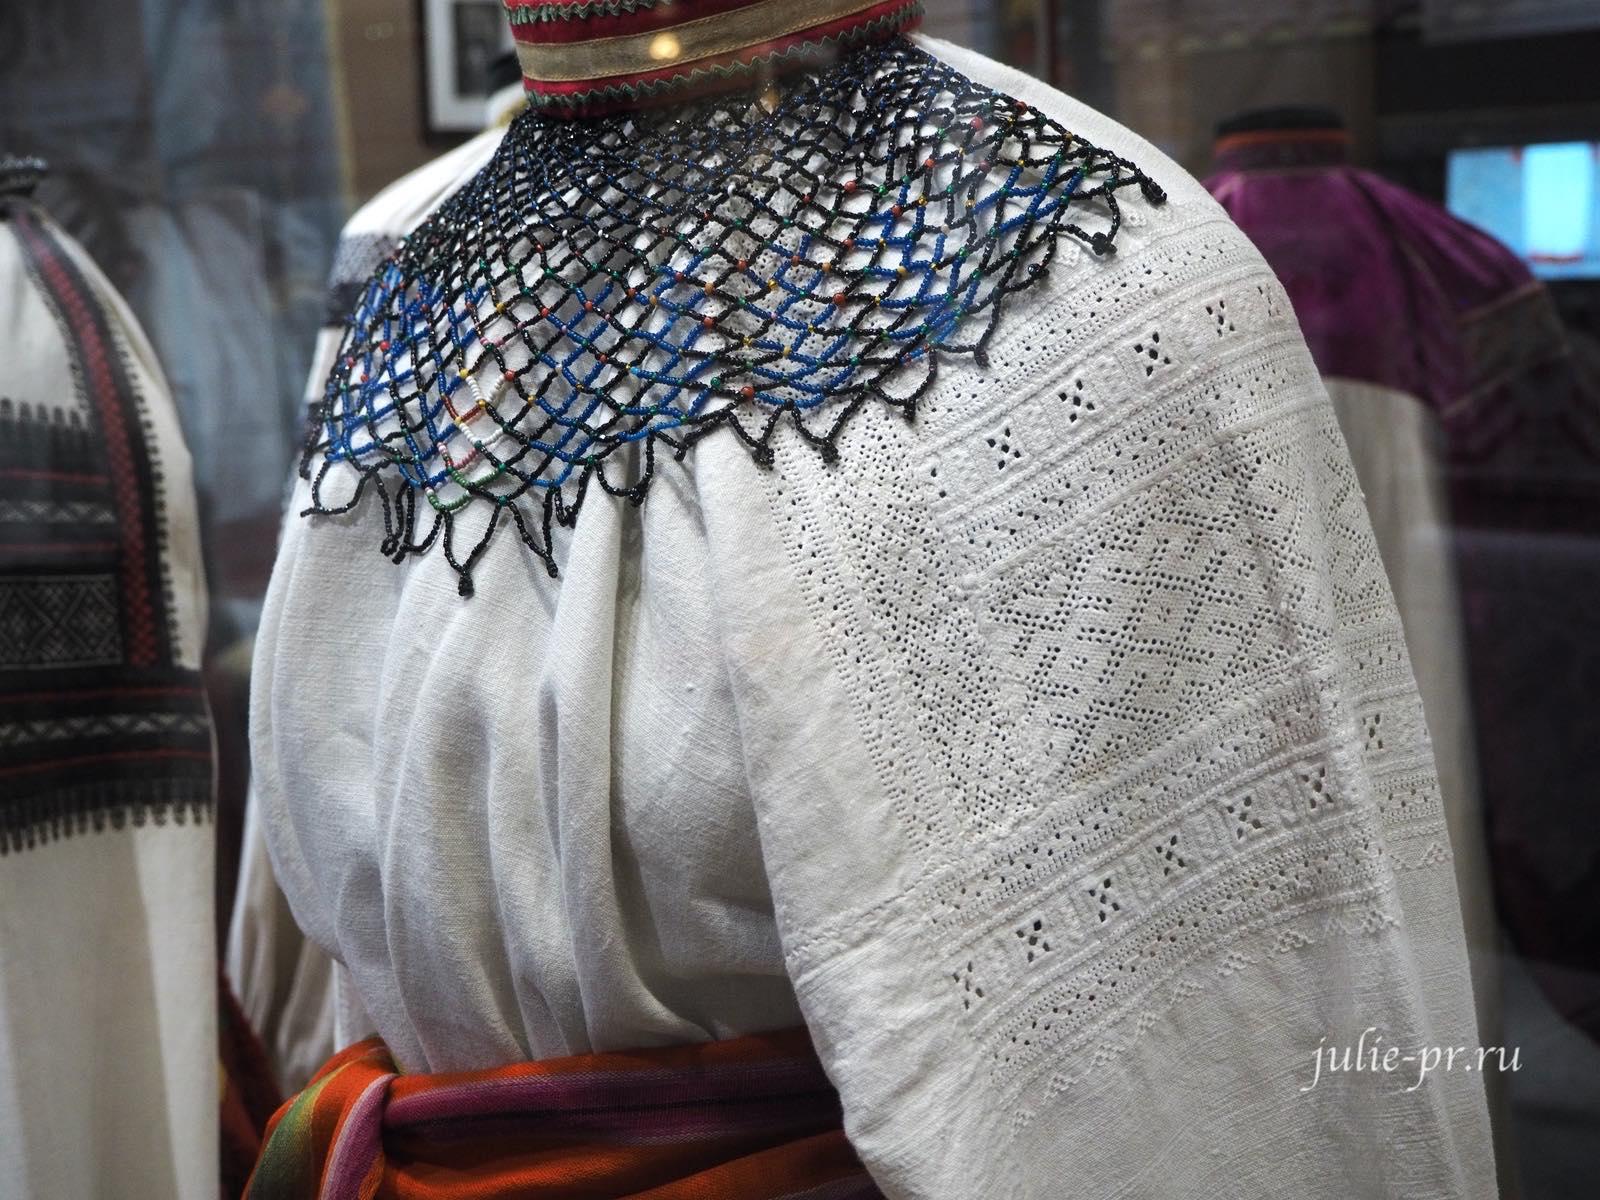 Женский народный костюм, вышивка, бисероплетение